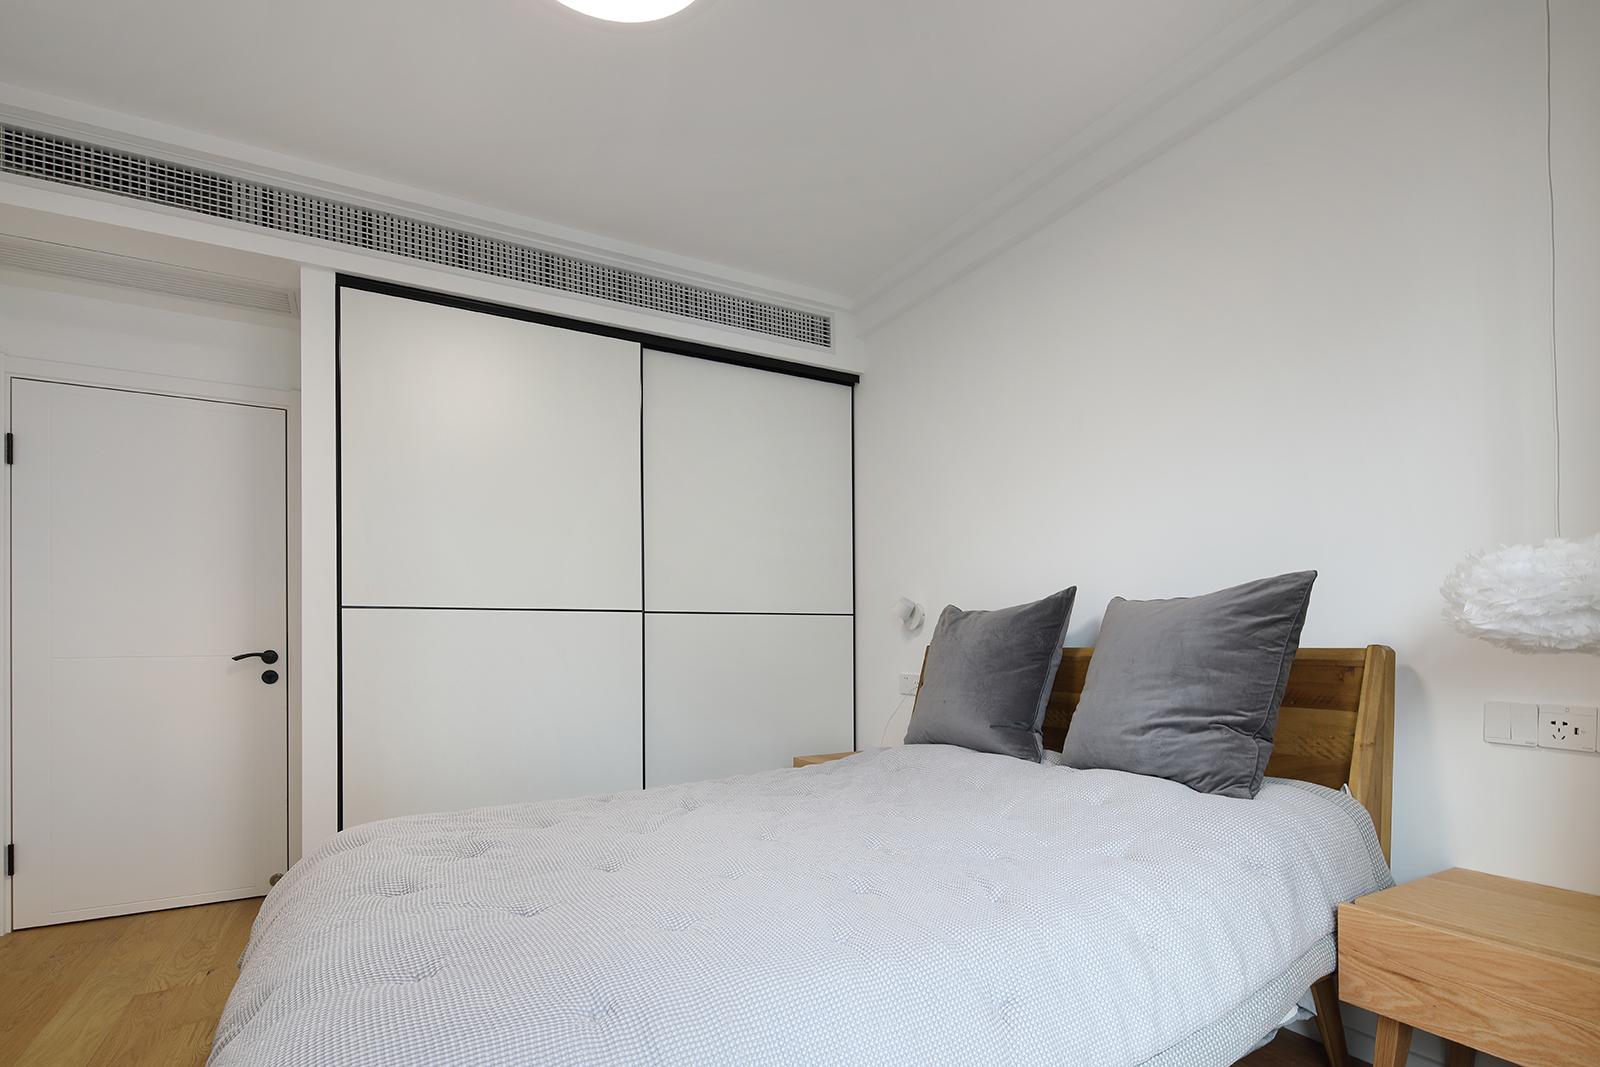 二居室简约日式家衣柜图片